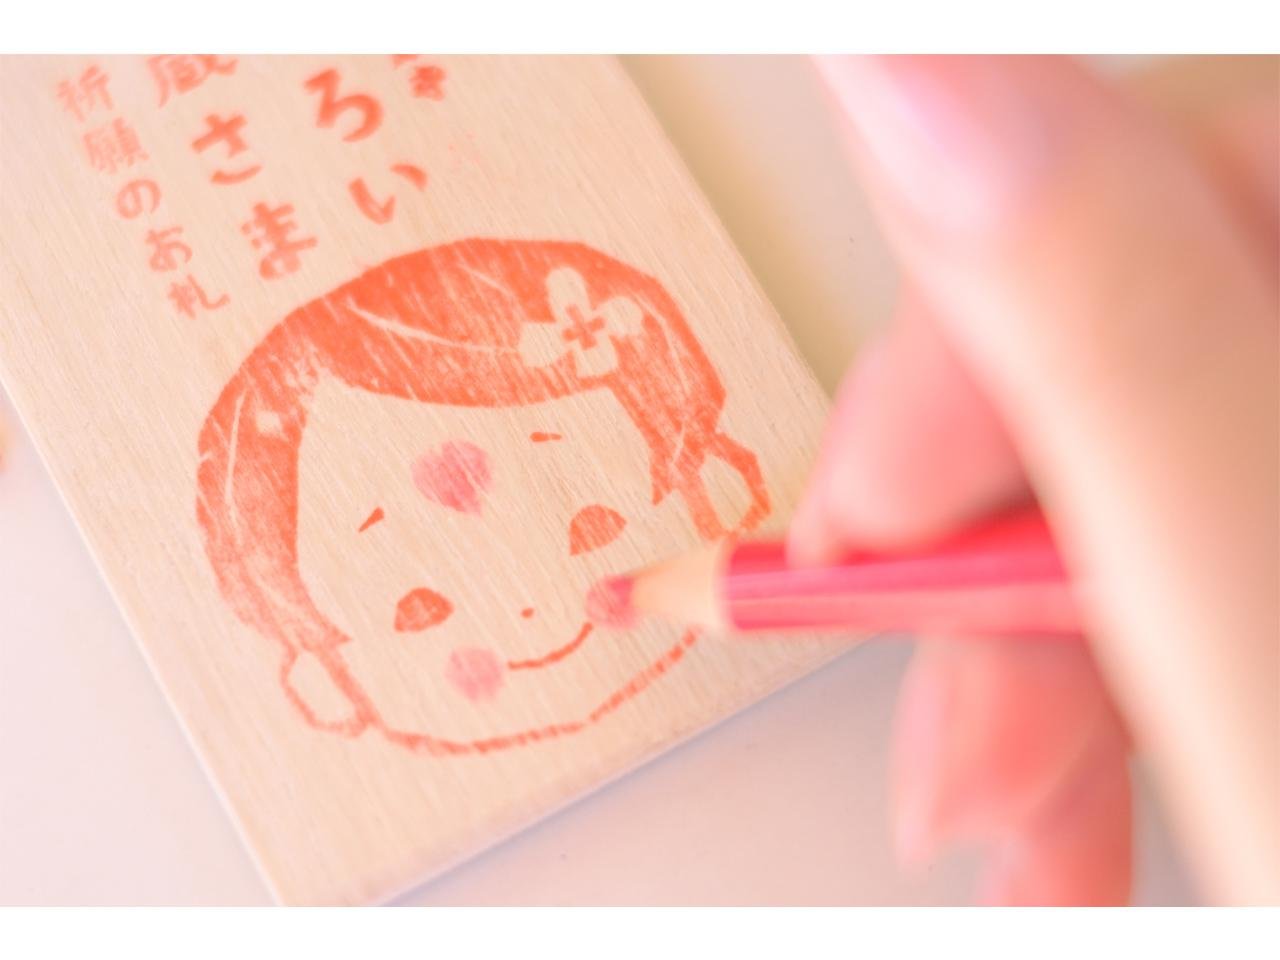 画像: 治したい場所を色鉛筆で塗り、お願いごとも記入します。